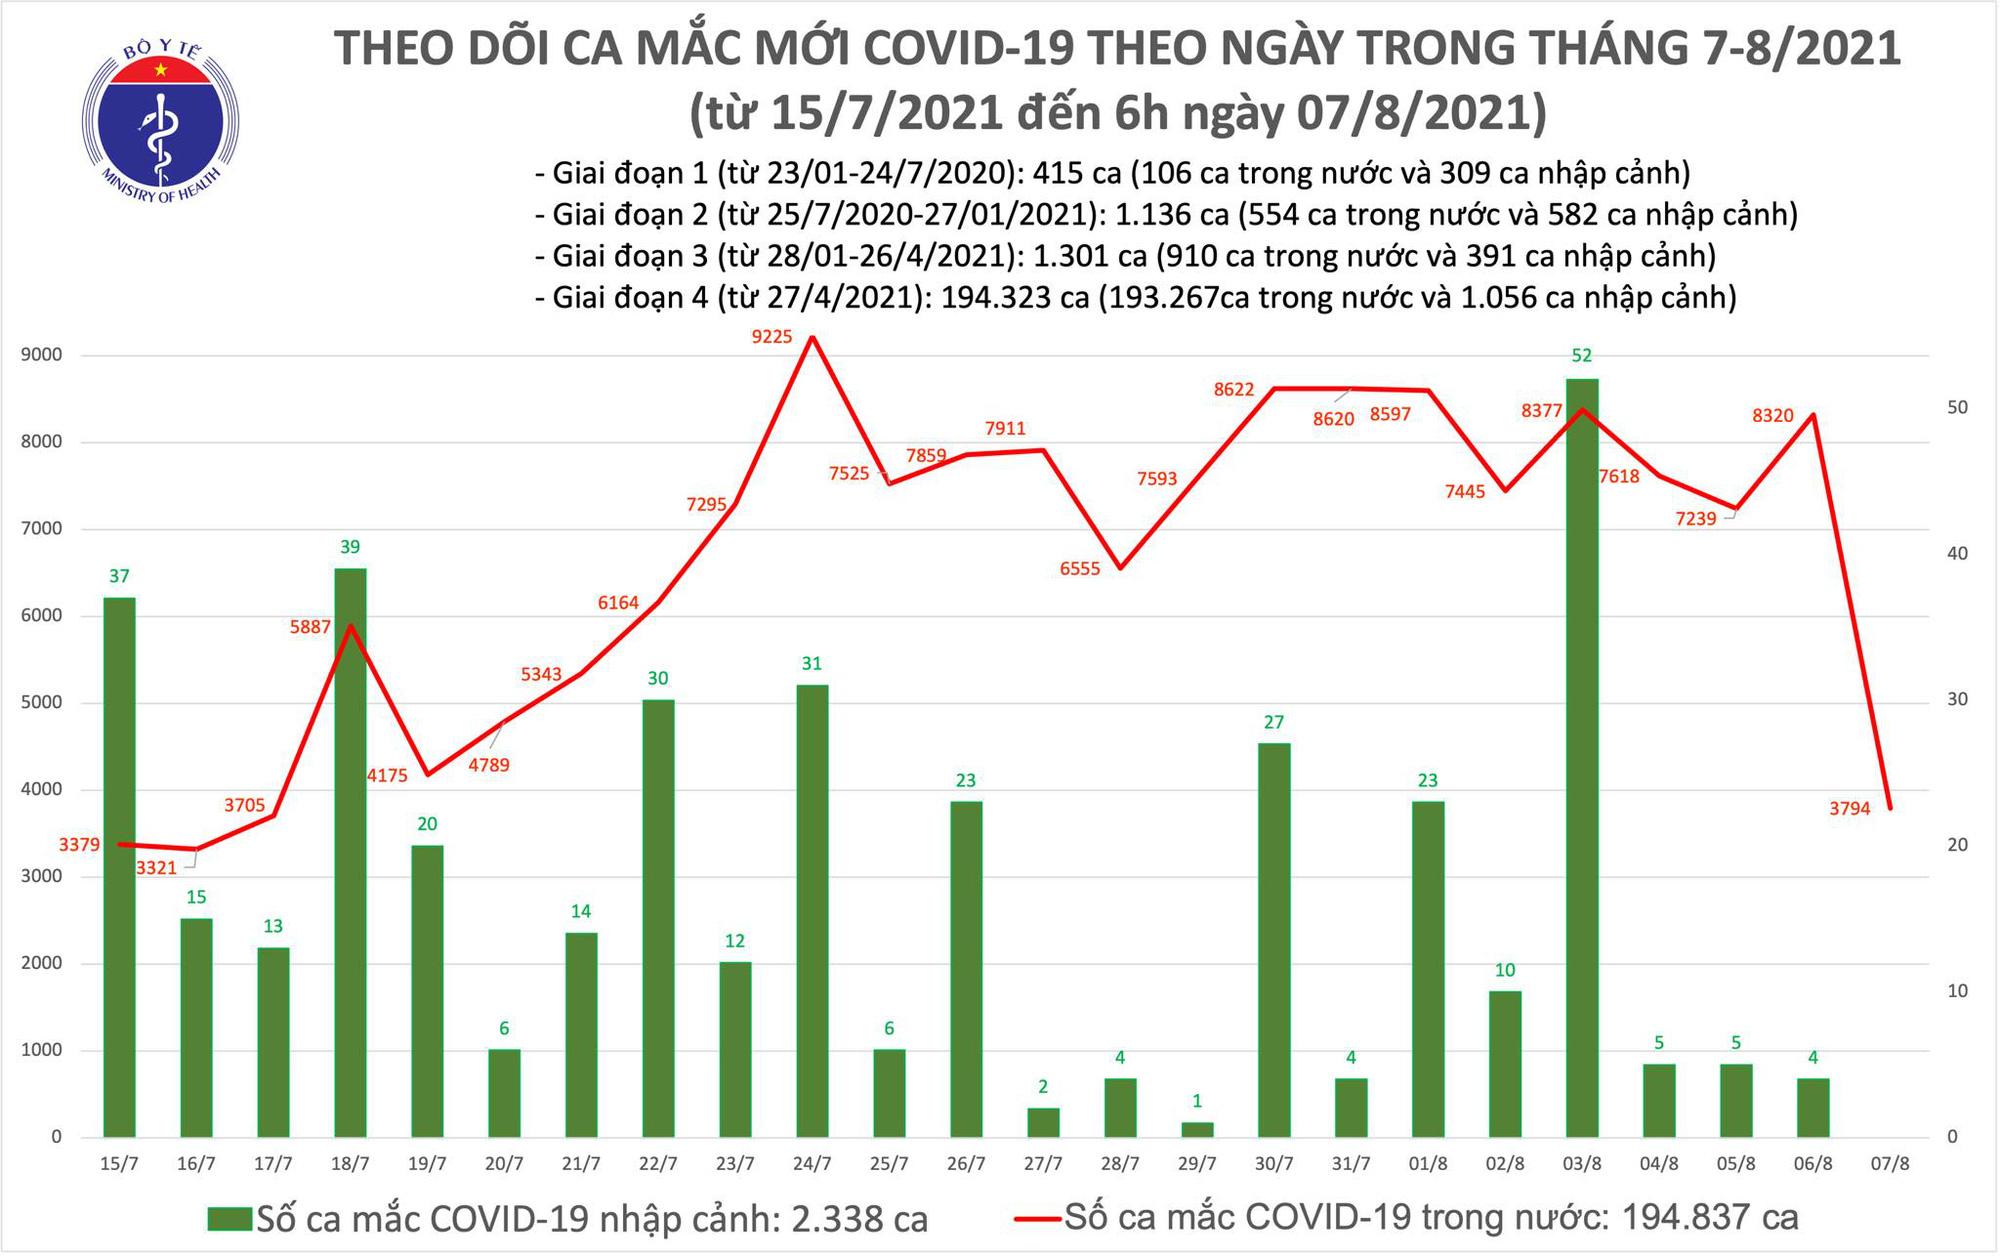 Sáng 7/8: TP Hồ Chí Minh và 16 tỉnh, thành khác có thêm 3.794 ca mắc COVID-19 - Ảnh 1.